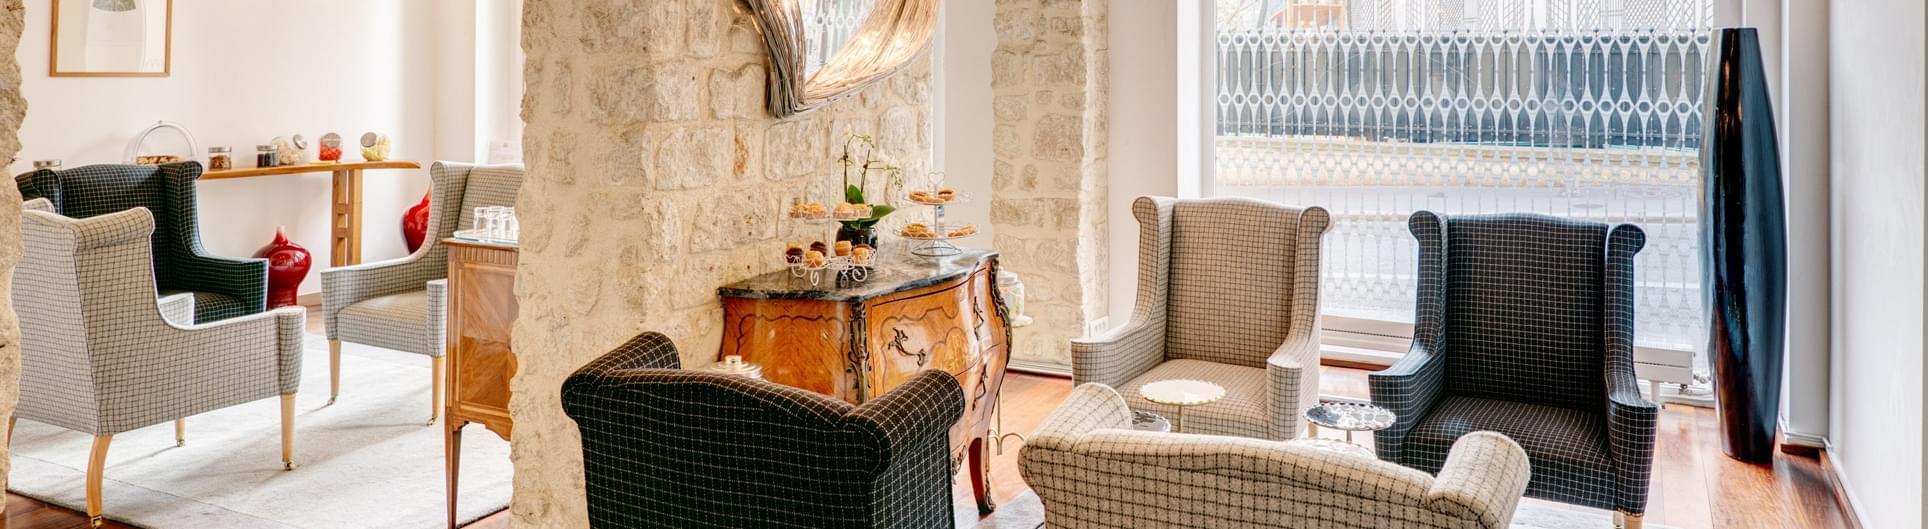 Astotel Lorette - 3-star Hotel Paris